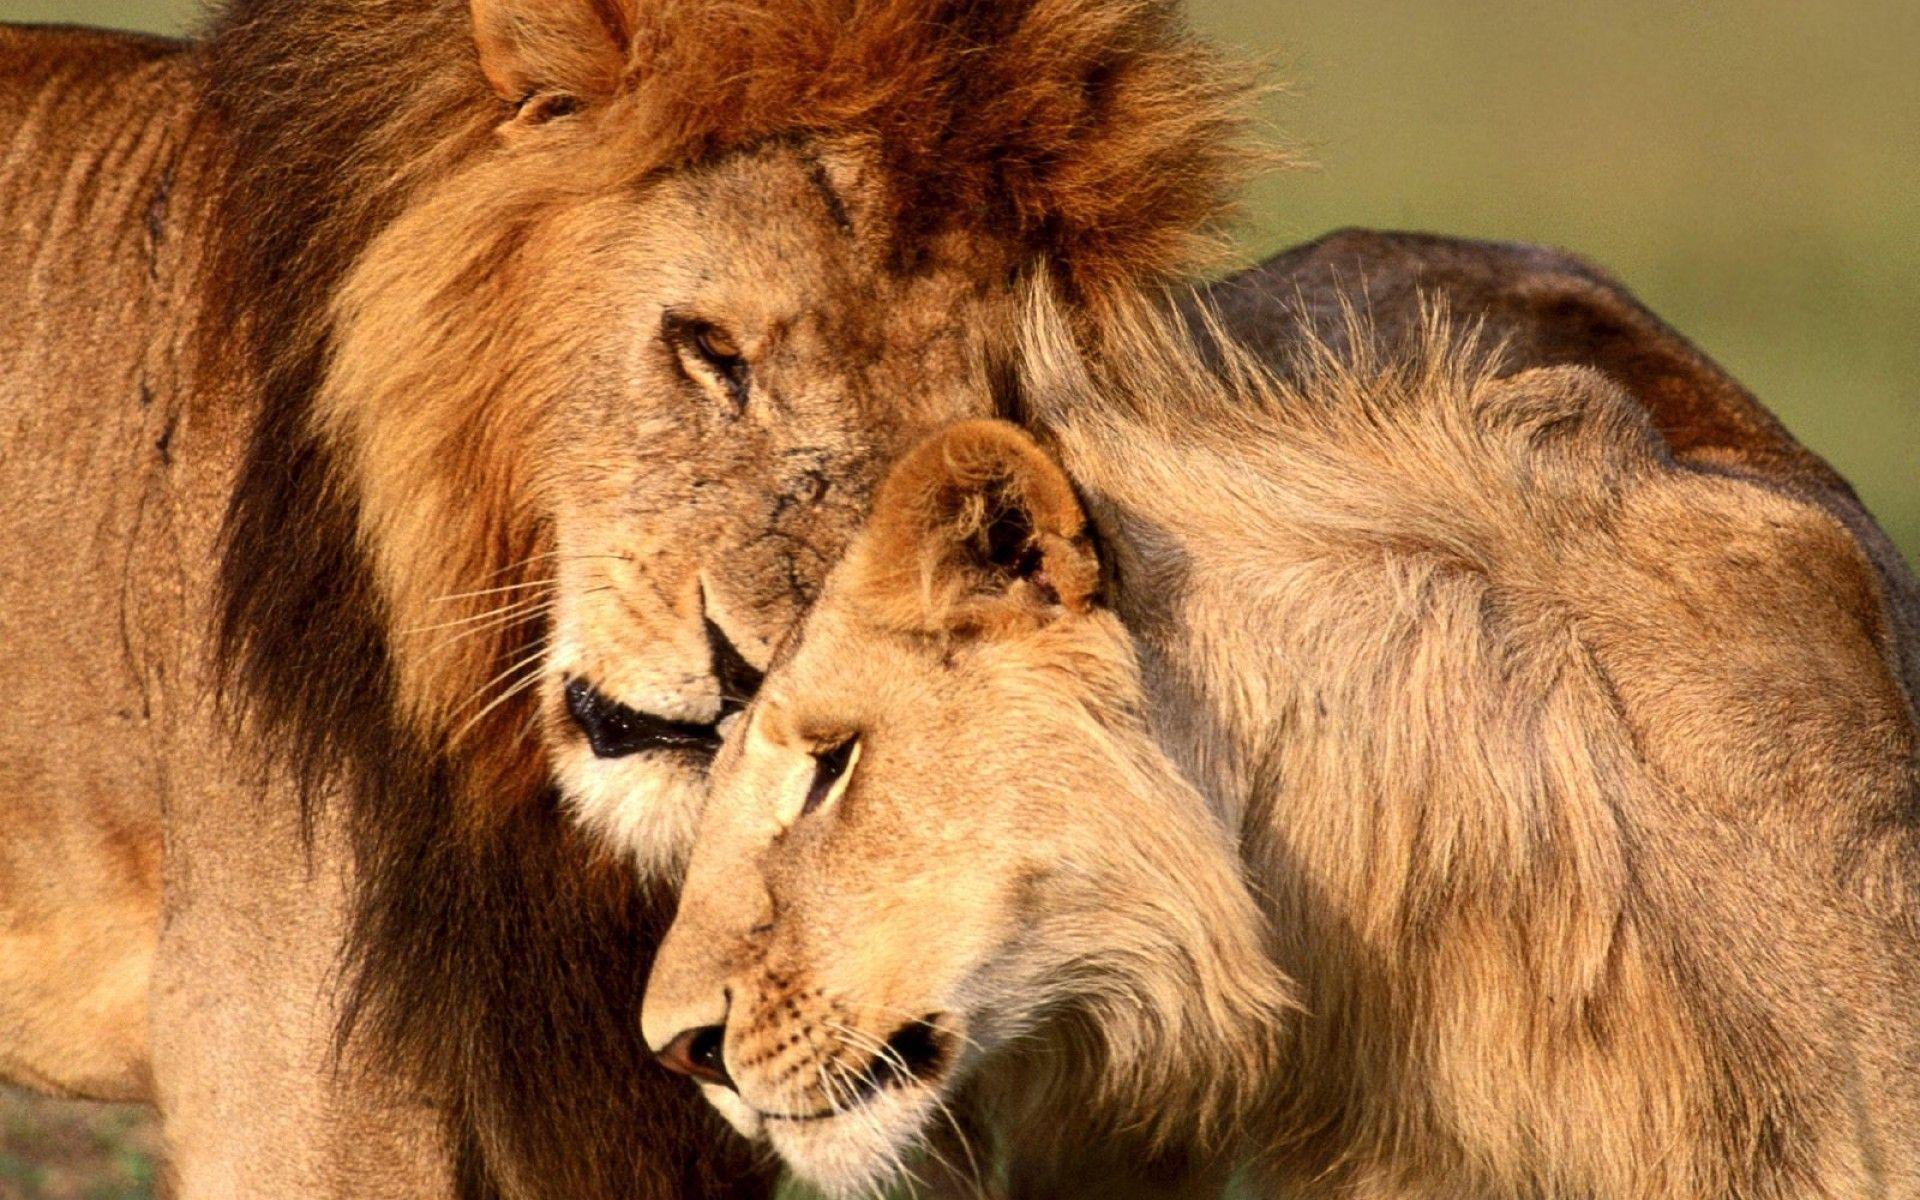 Lion Wallpaper 73 Images